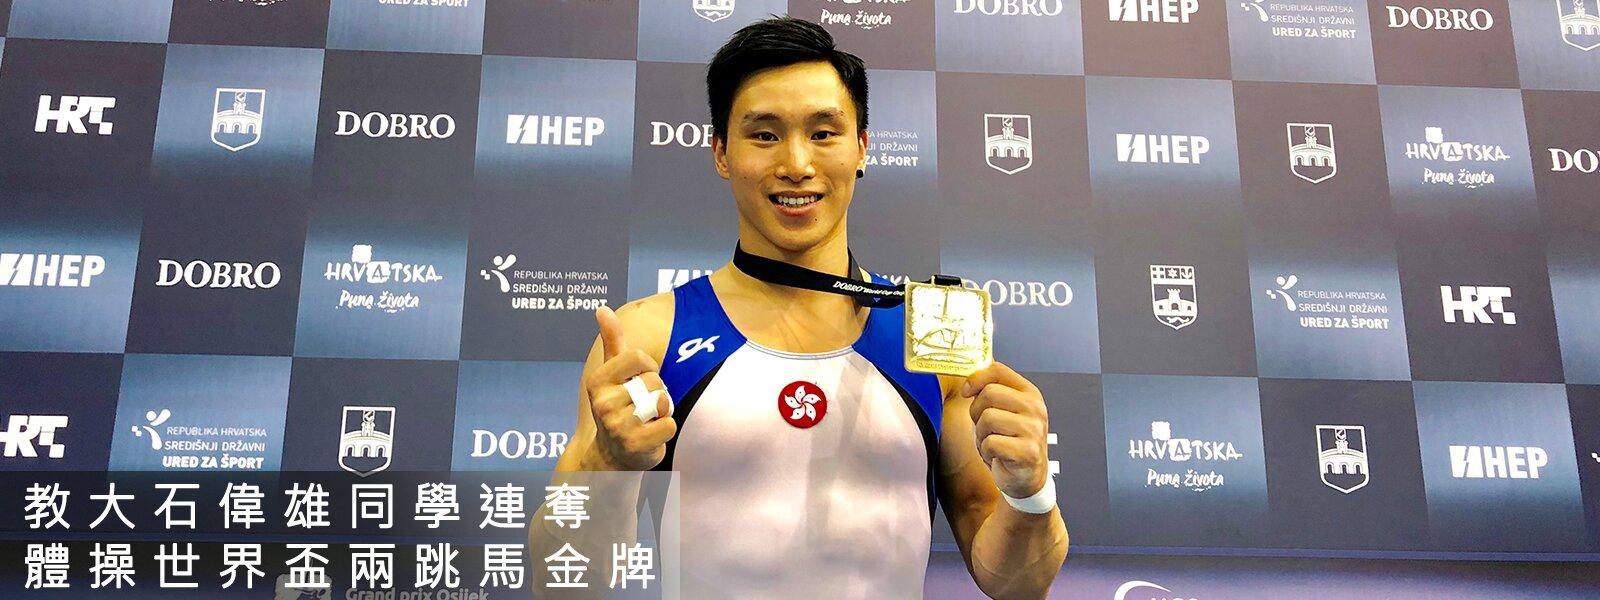 教大石偉雄同學連奪體操世界盃兩跳馬金牌